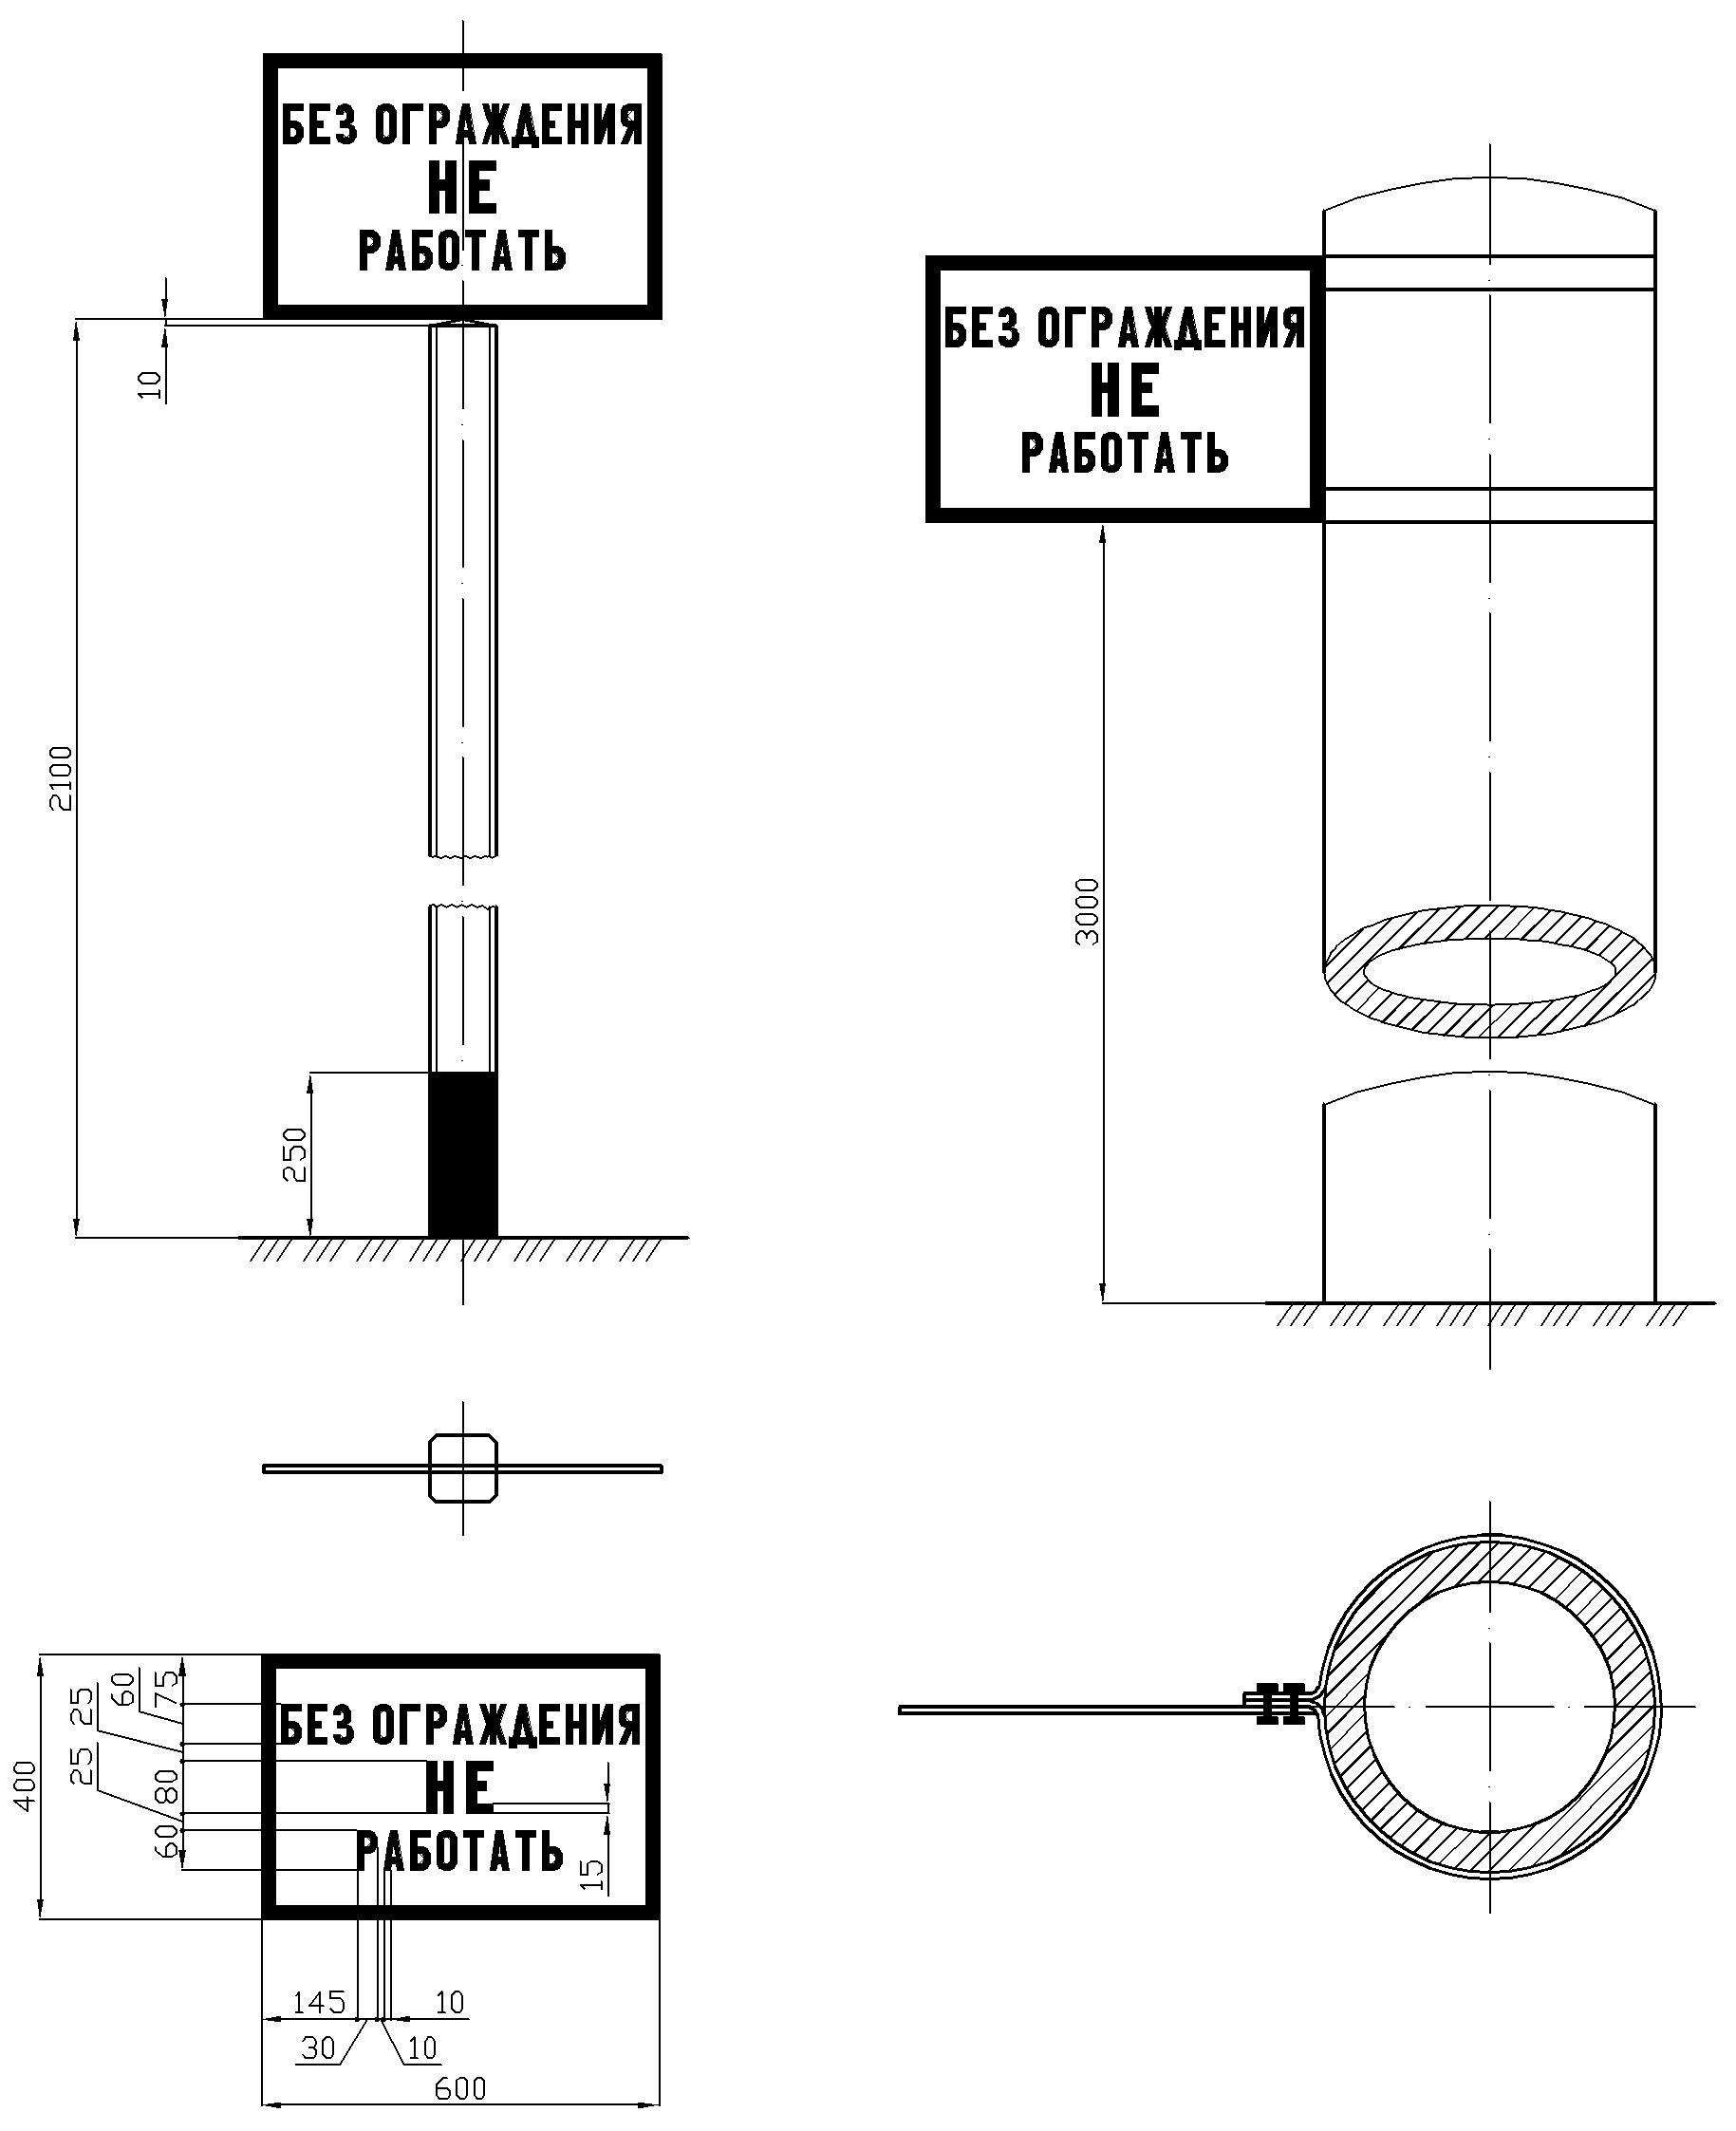 Рисунок 19. Постоянный сигнальный знак «Без ограждения не работать